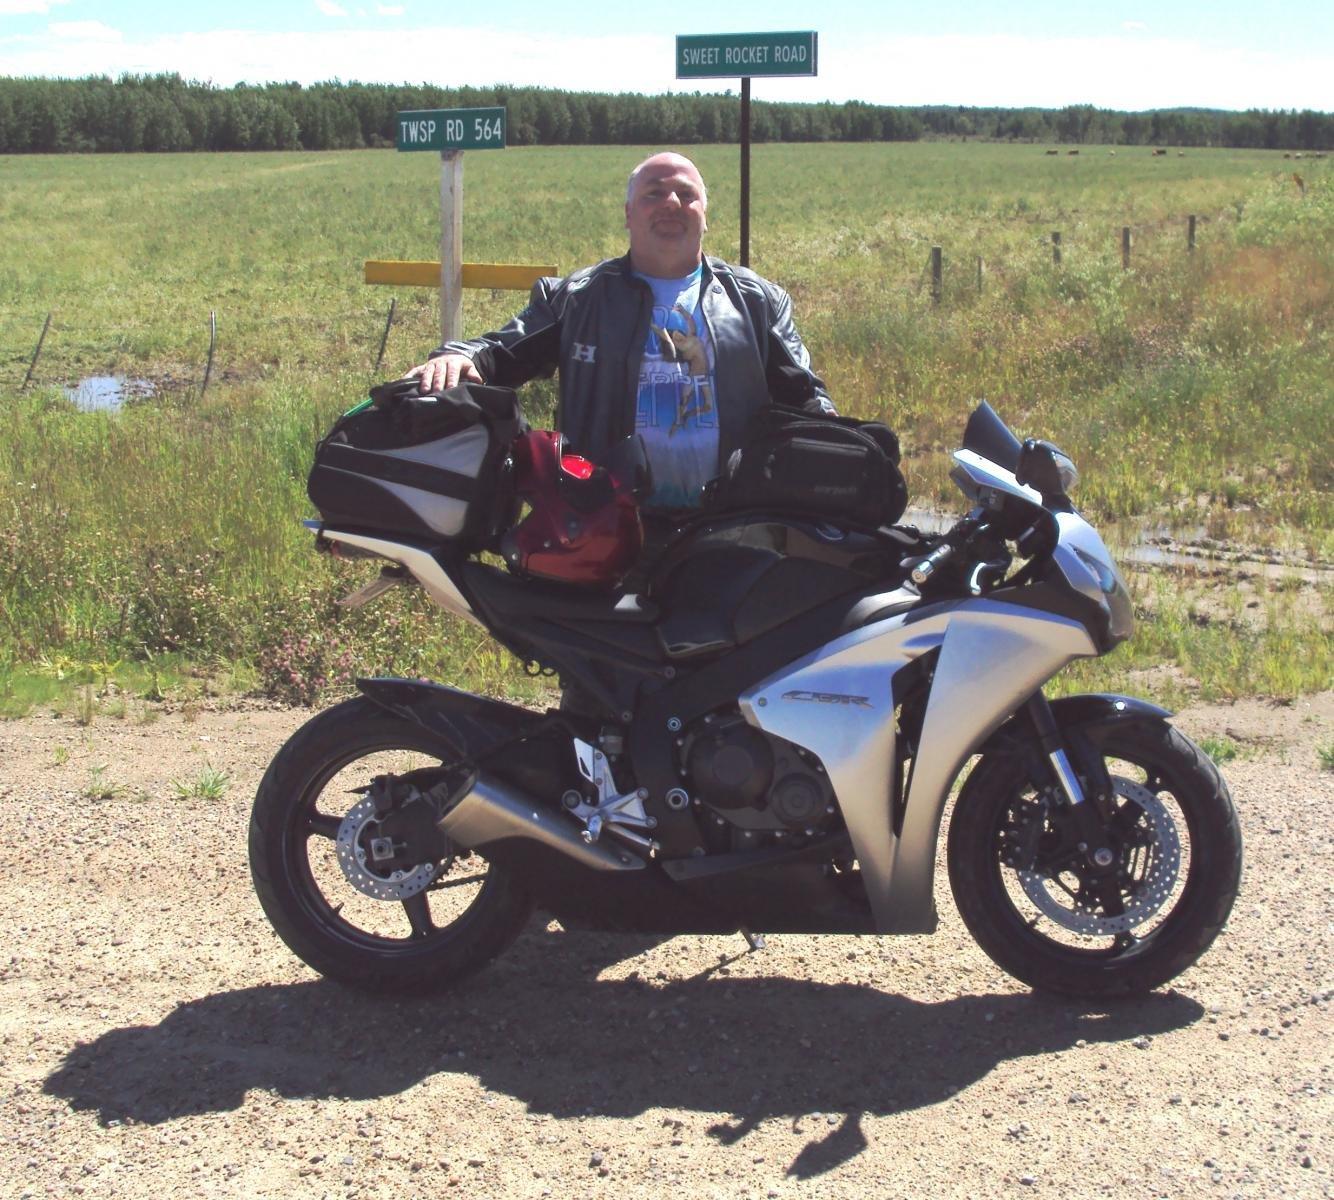 Anyone here ride? What ya got?-sweet-rocket-road.jpg